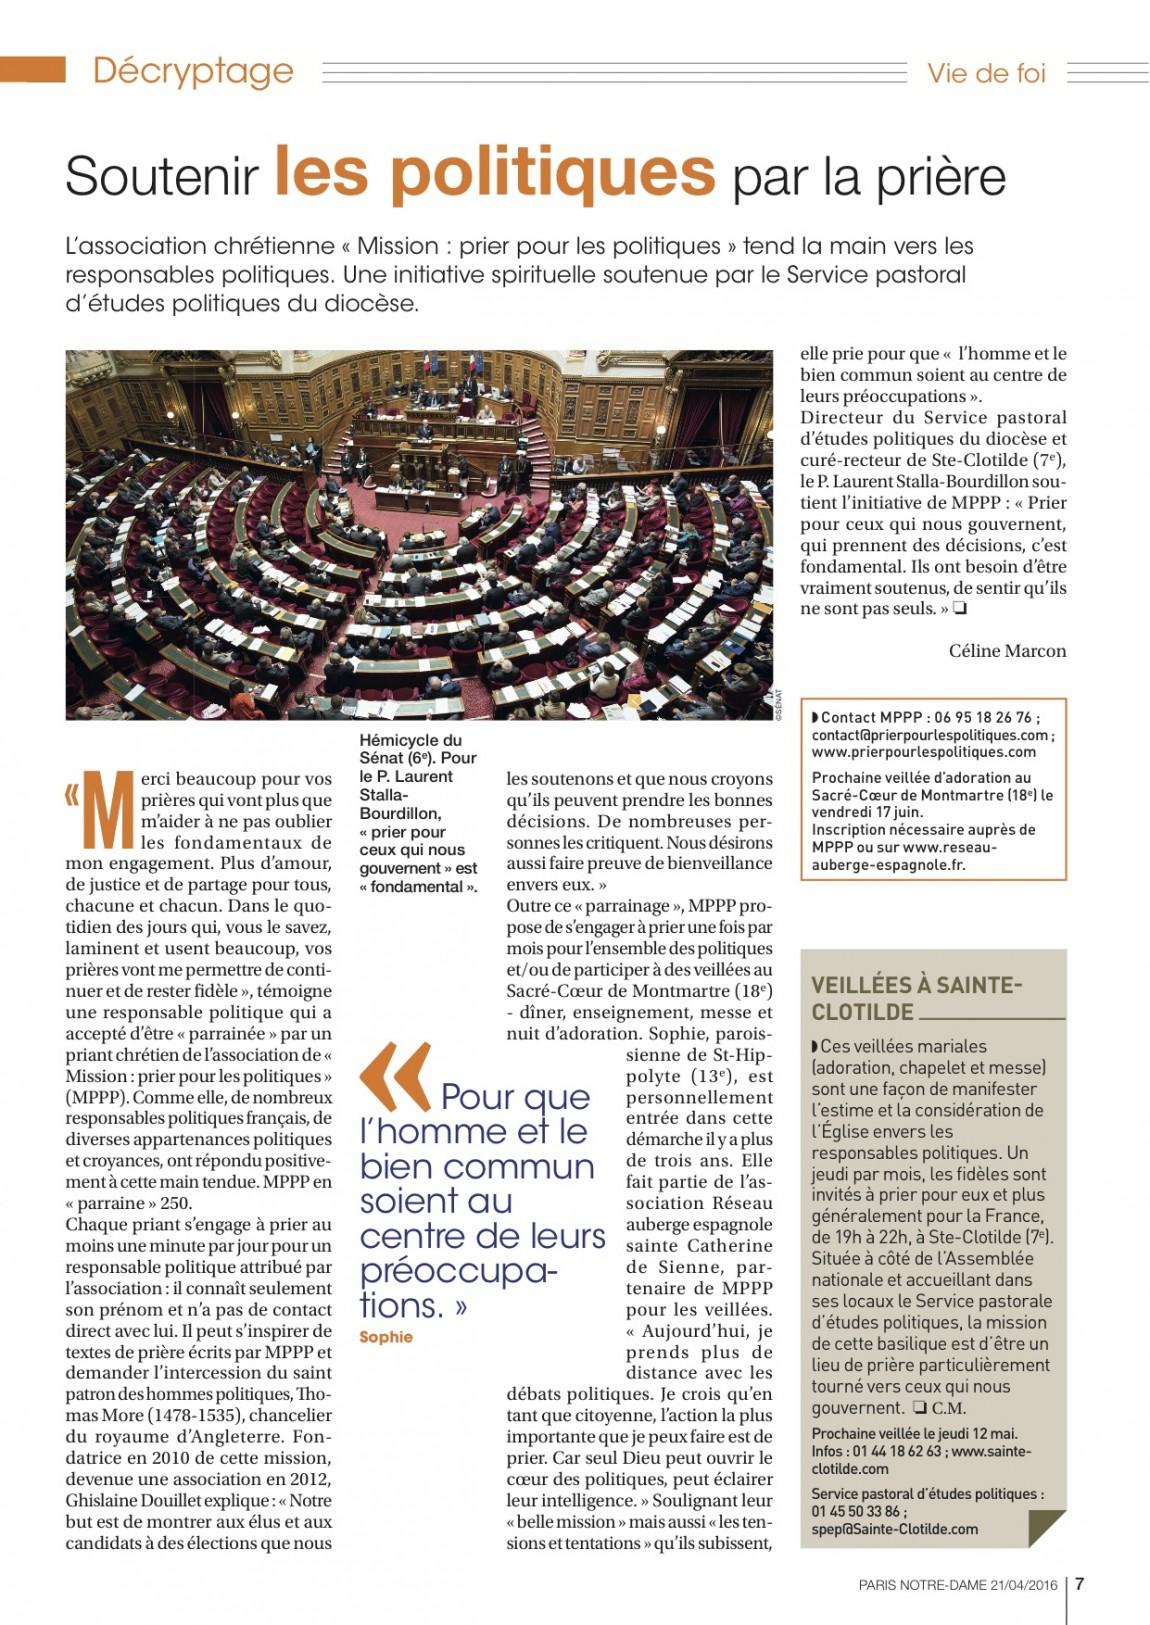 Article Paris Notre-Dame